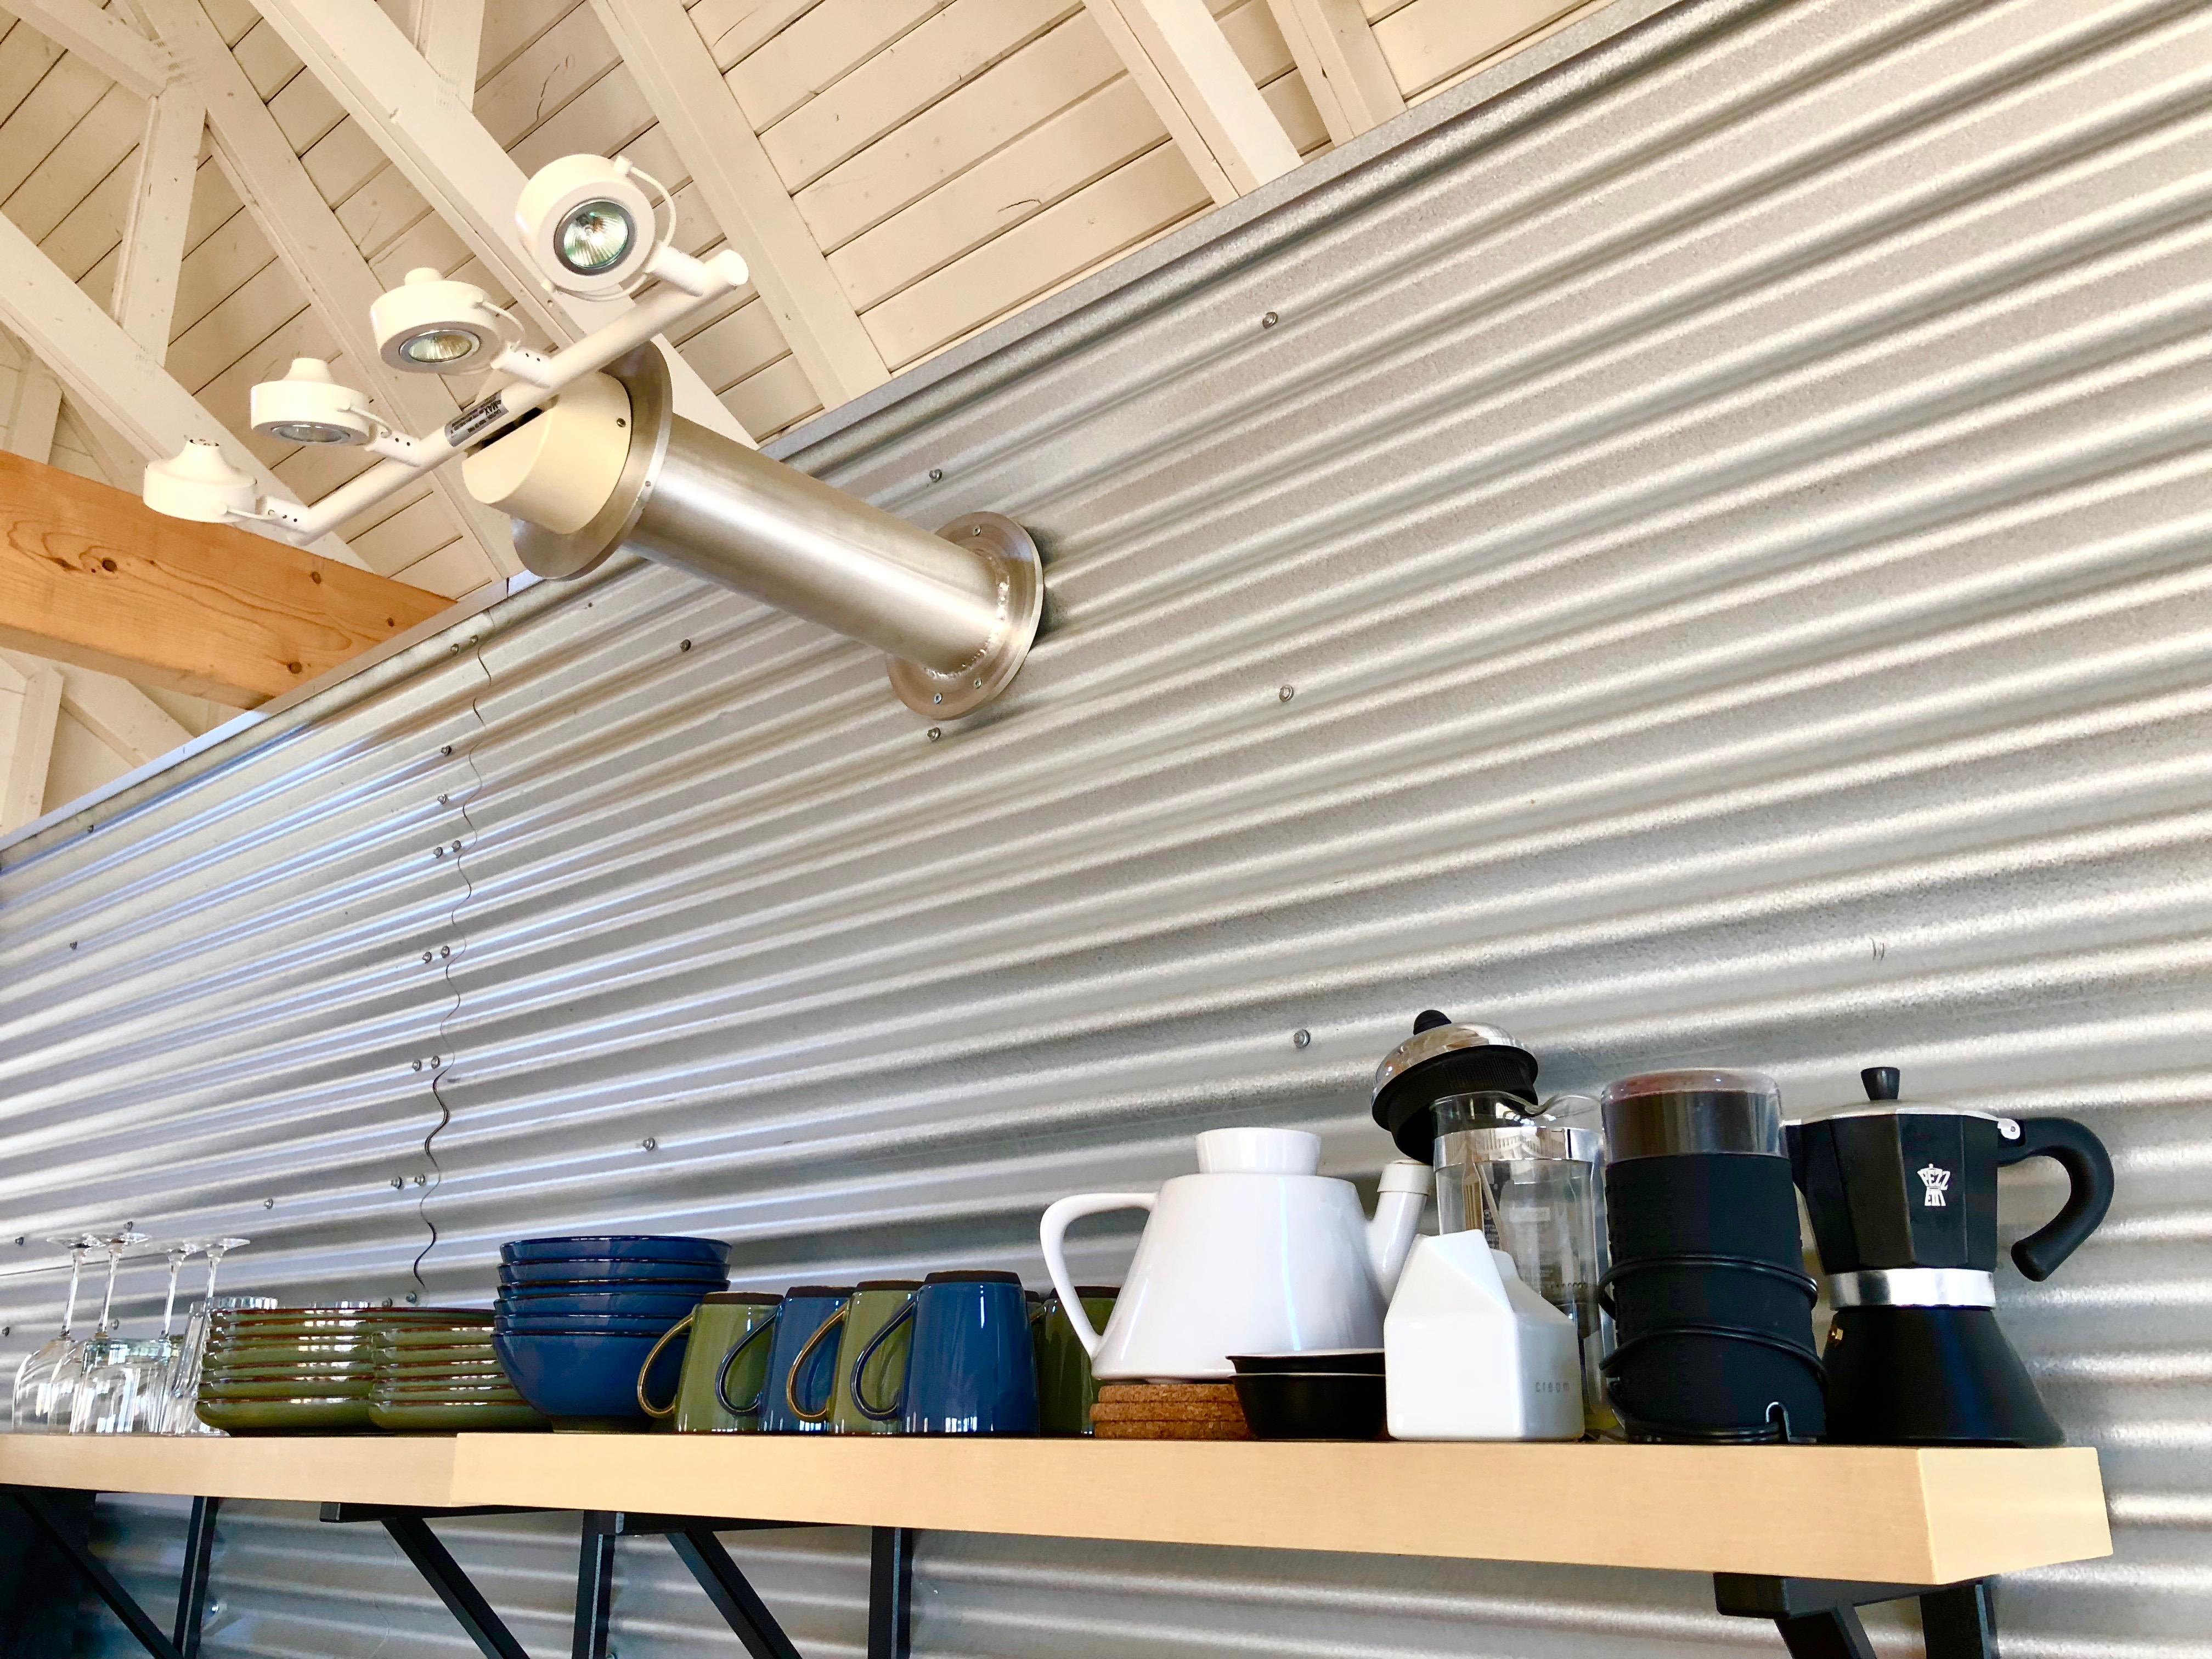 custom lighting and coffee gear